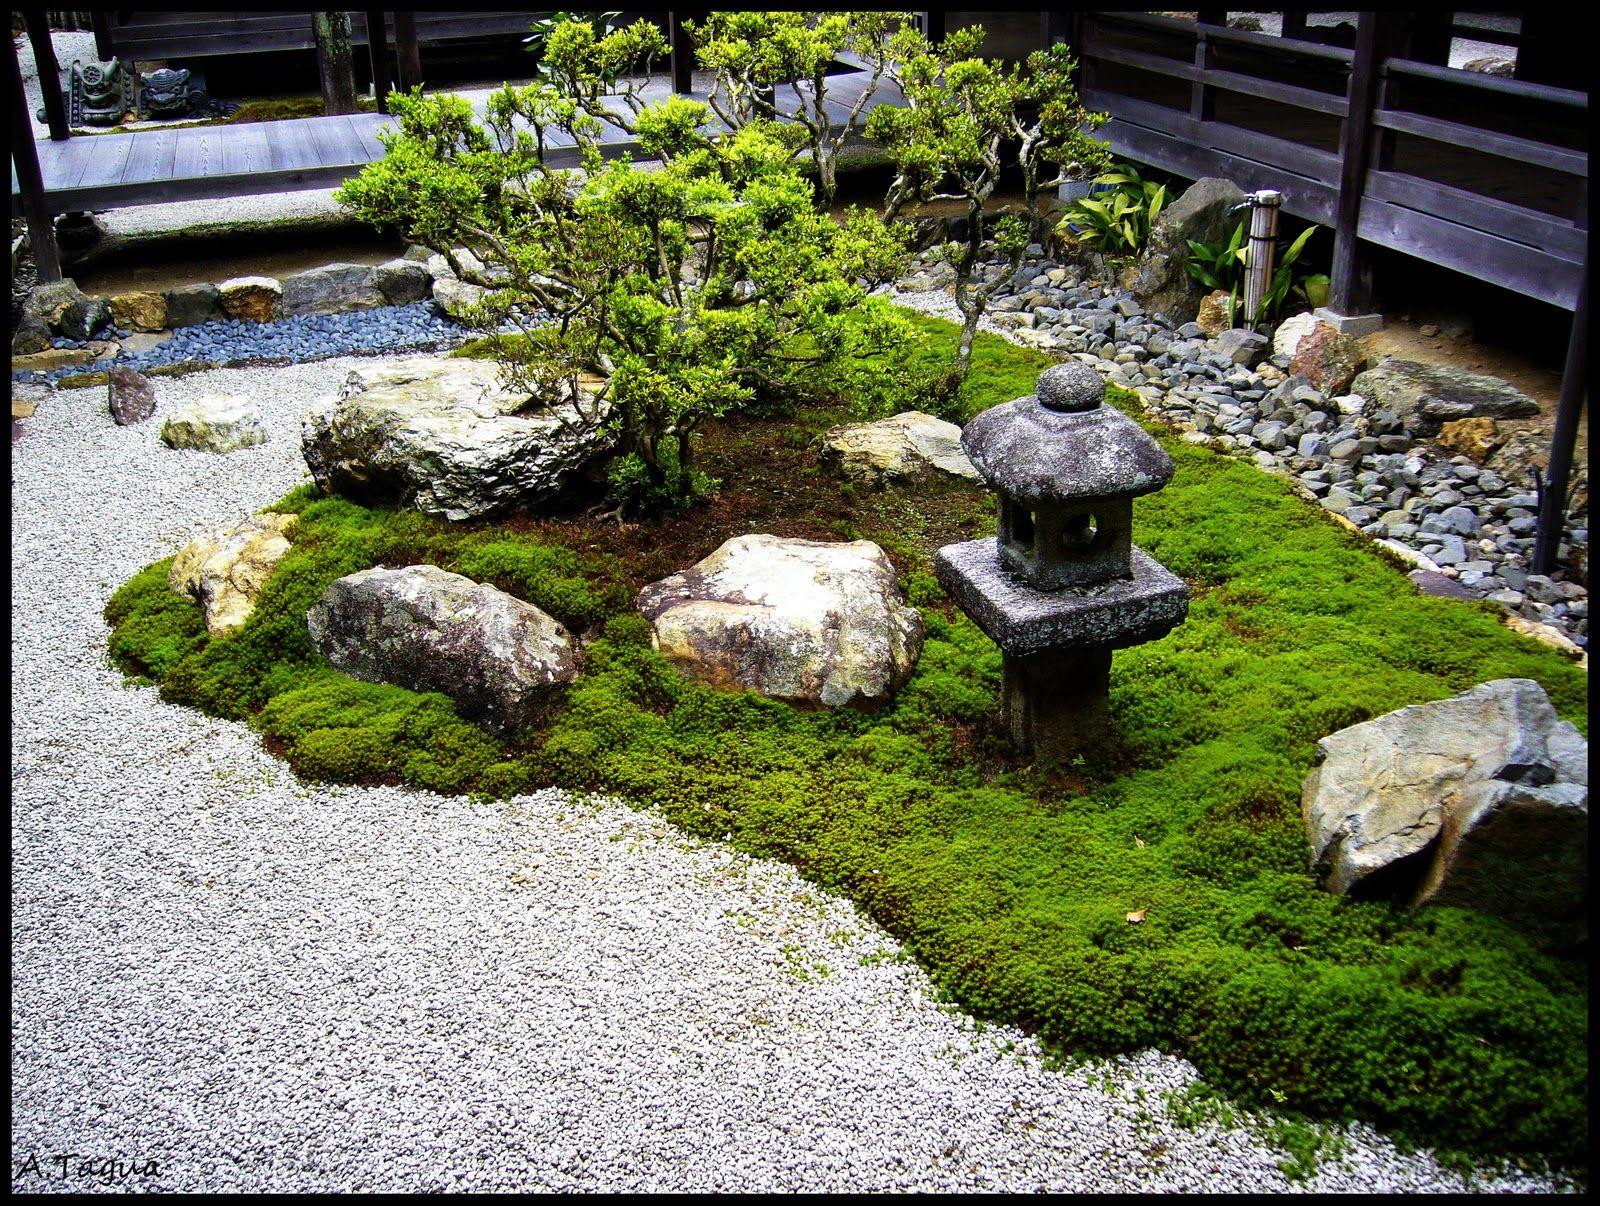 como hacer un jardin zen en una terraza - Buscar con Google | Jardin ...